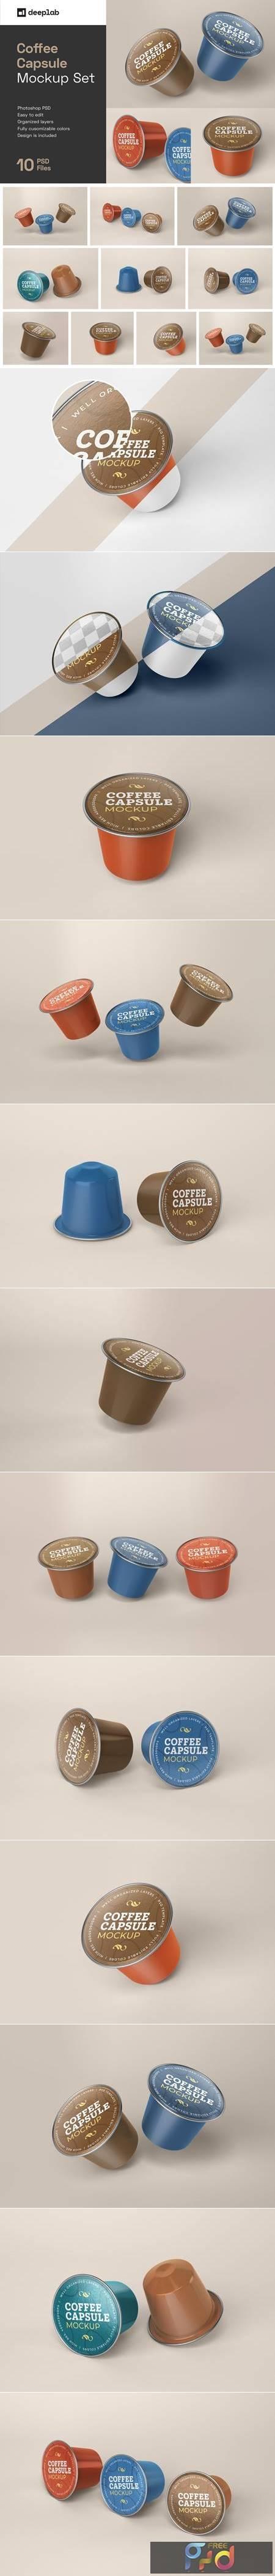 Coffee Capsule Mockup Packaging 5135762 1